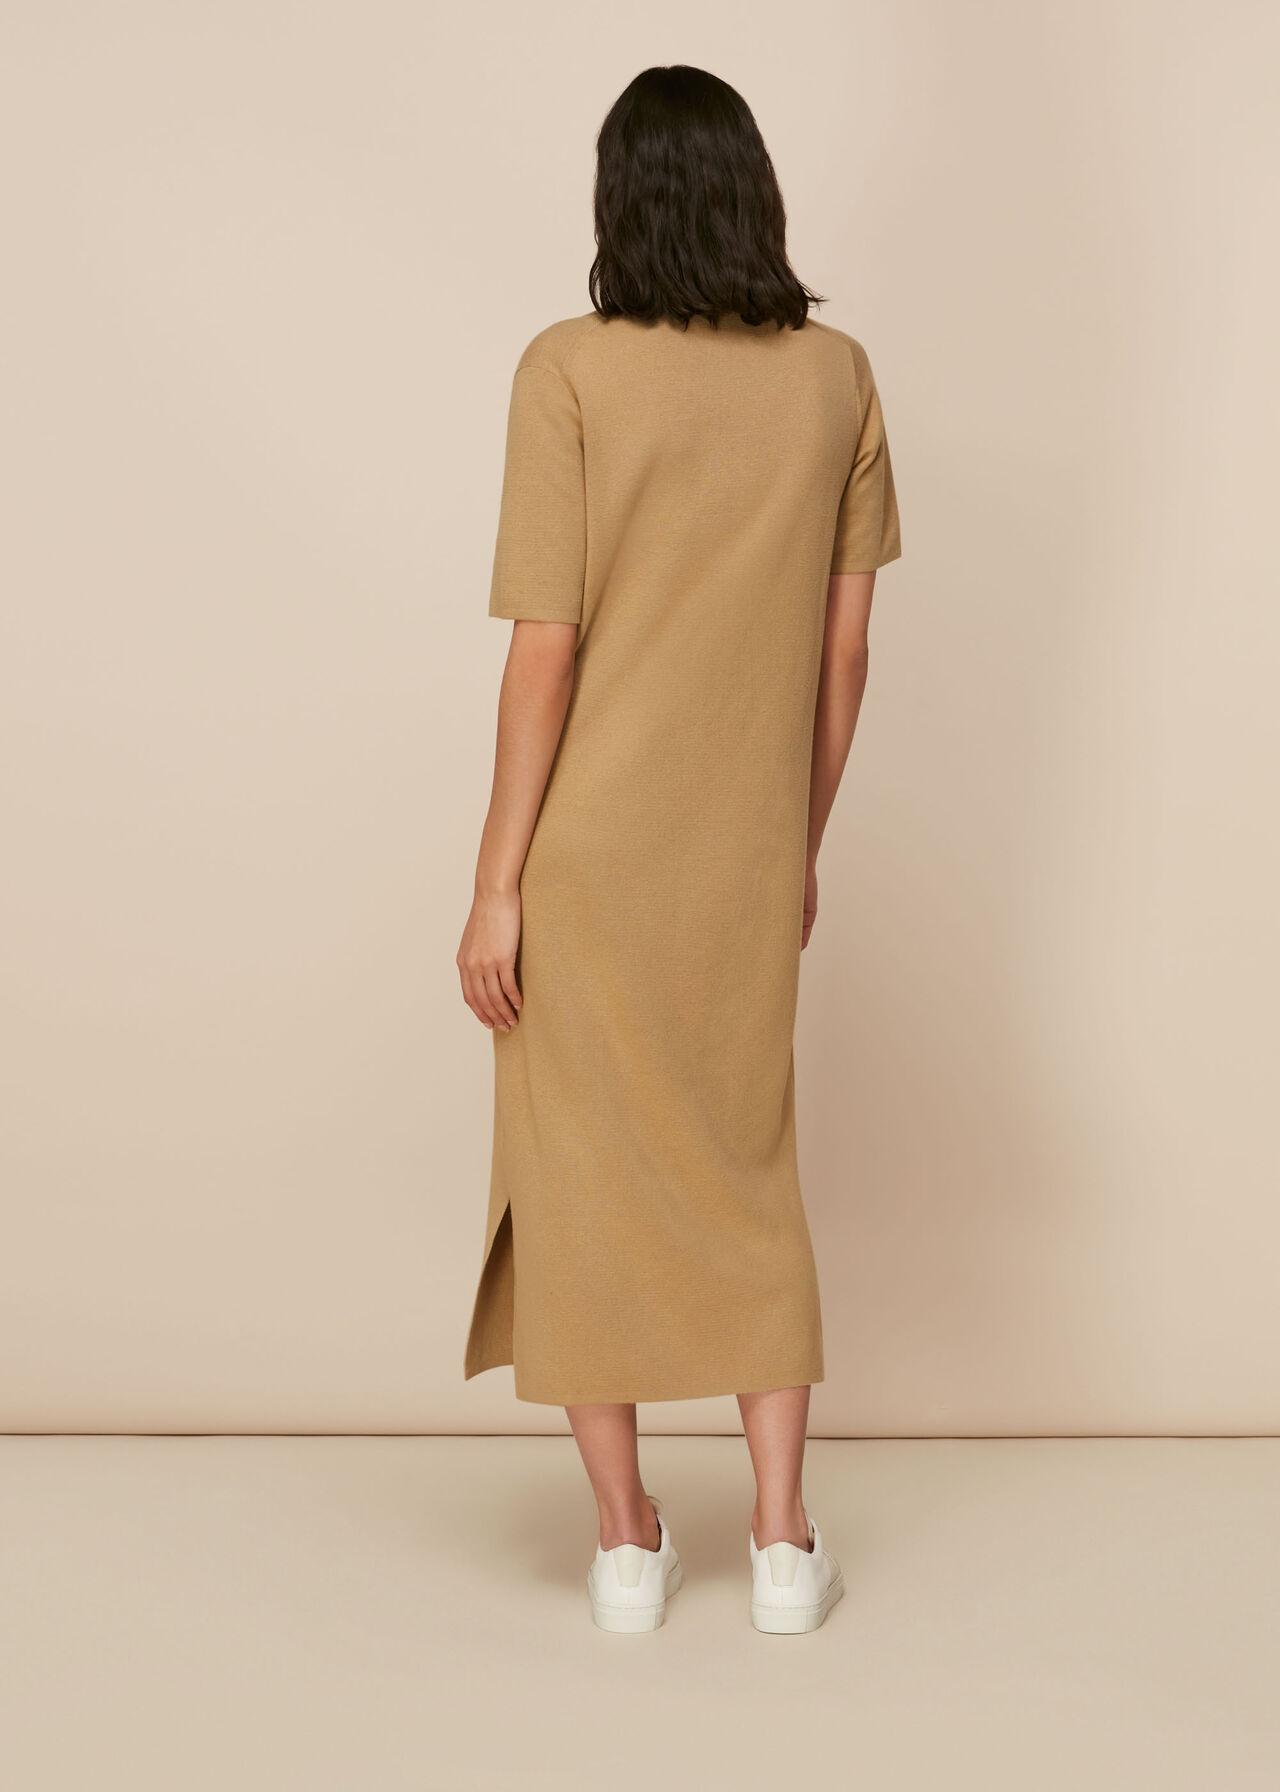 Collar Detail Midi Knit Dress